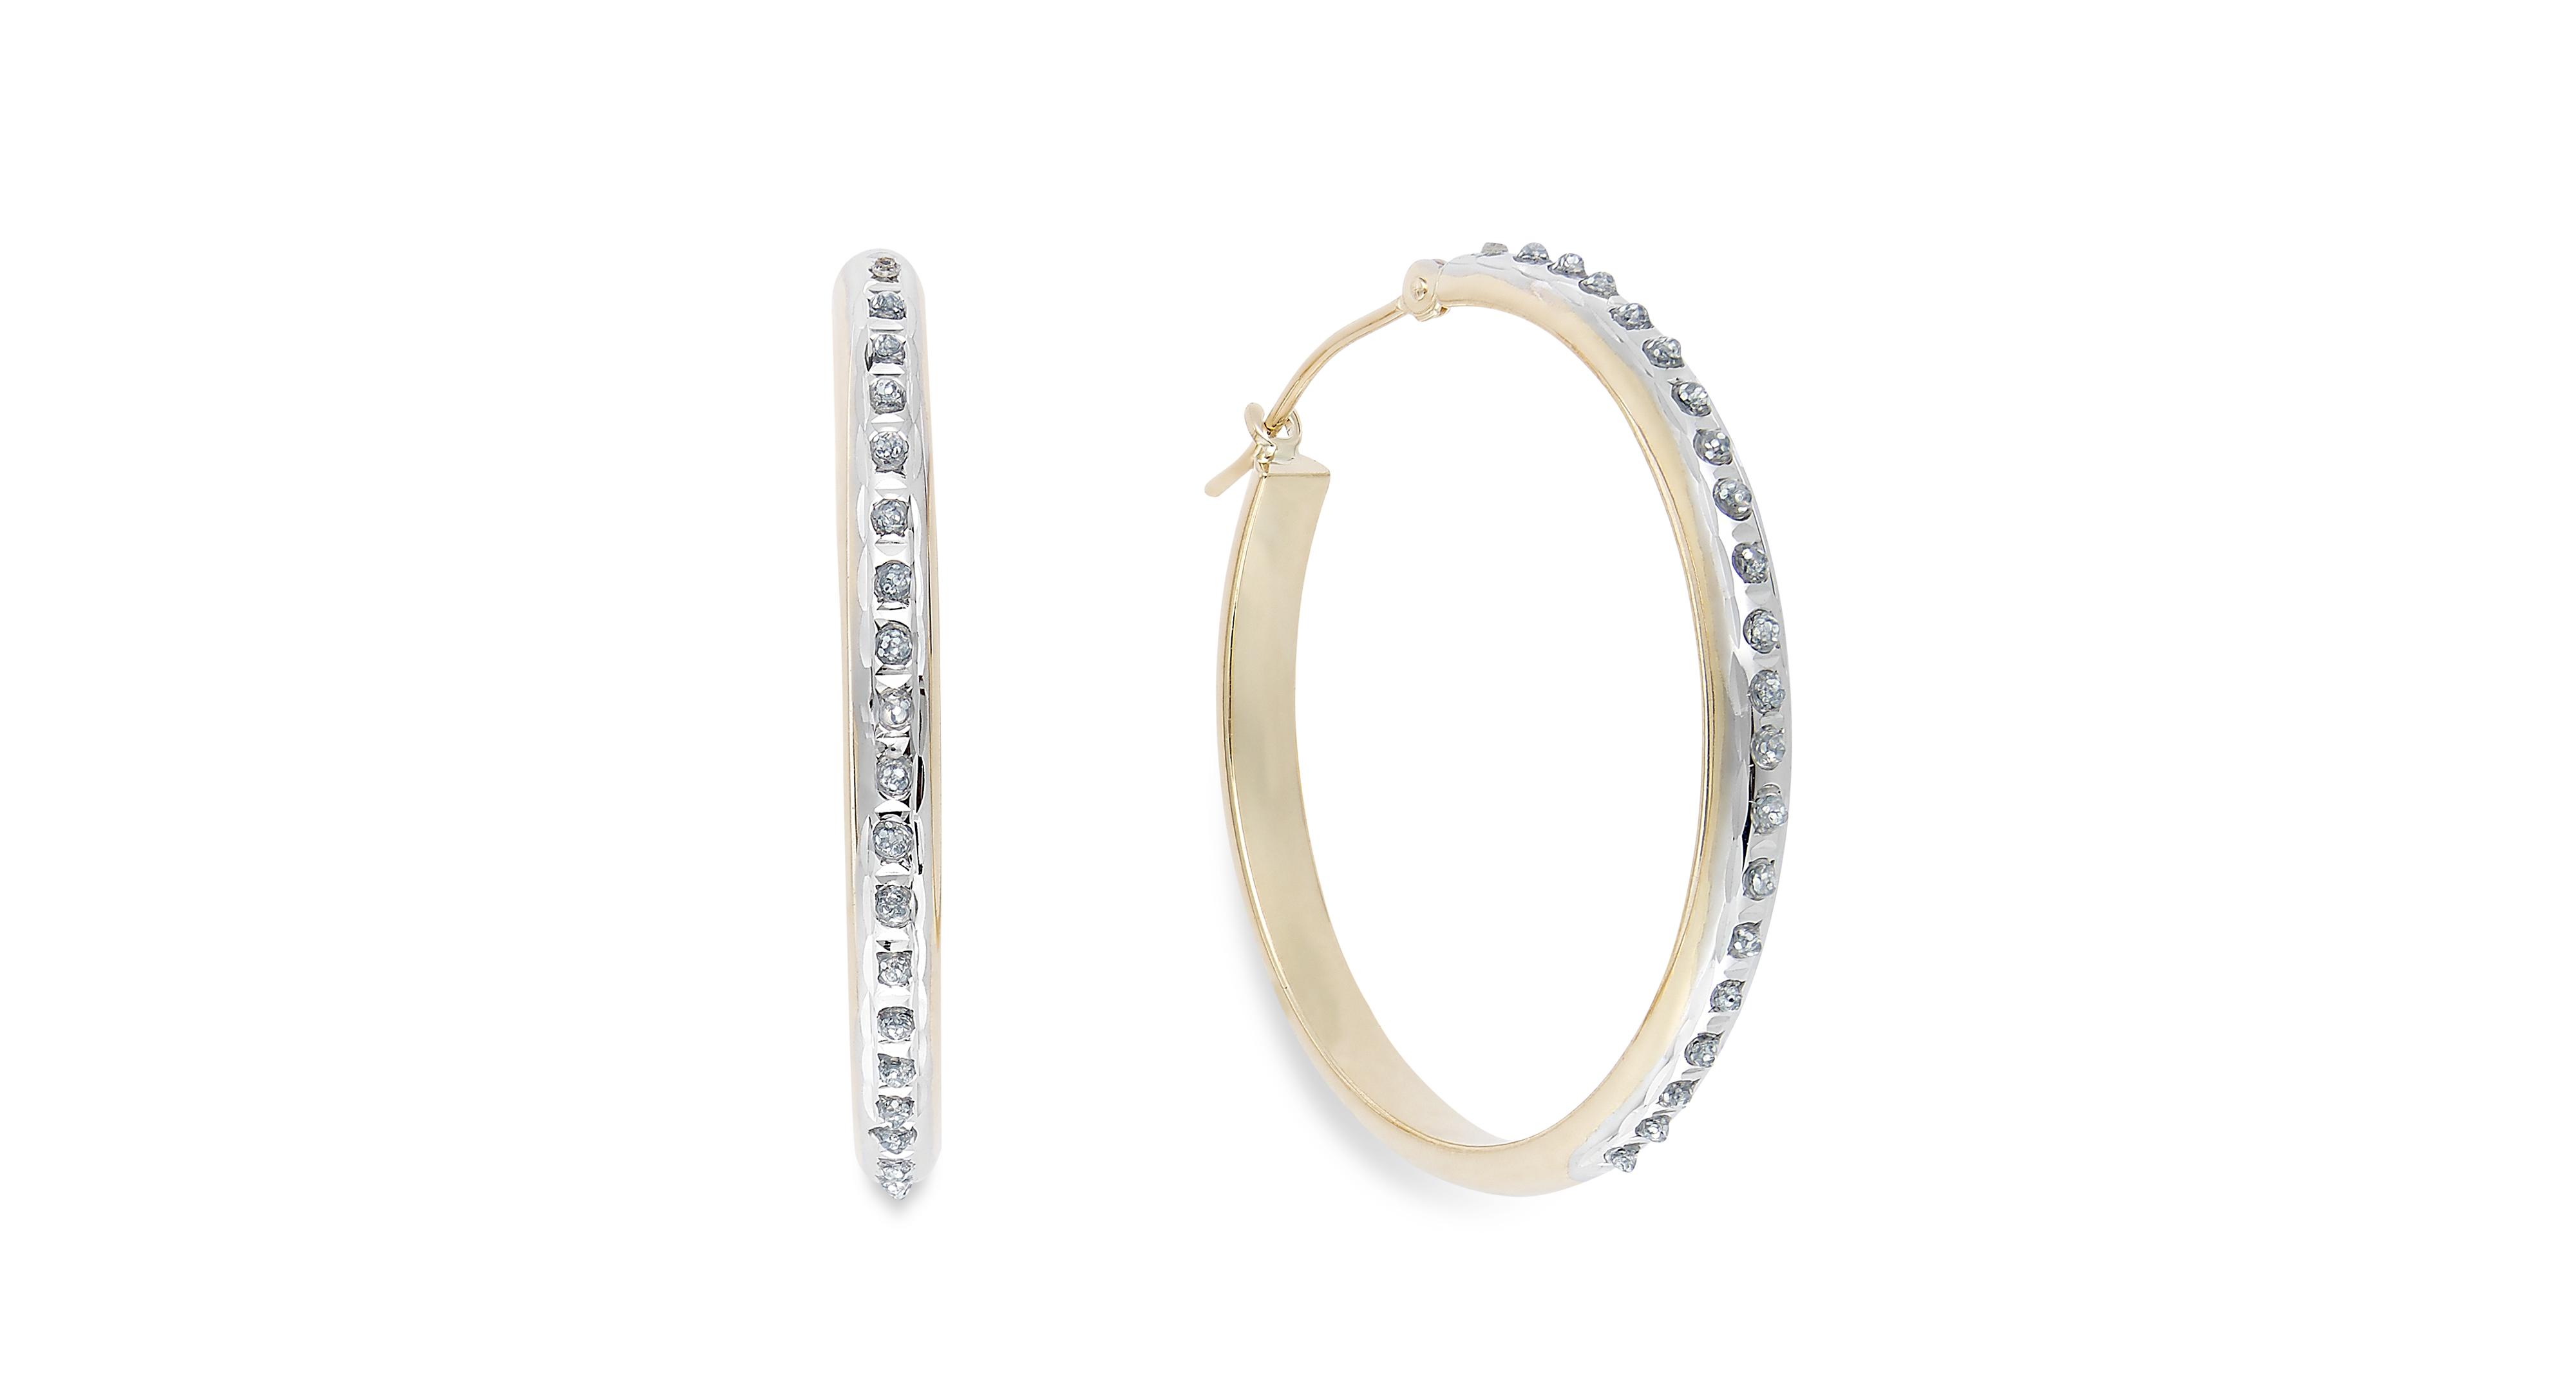 Diamond Accent Hoop Earrings in 14k Gold